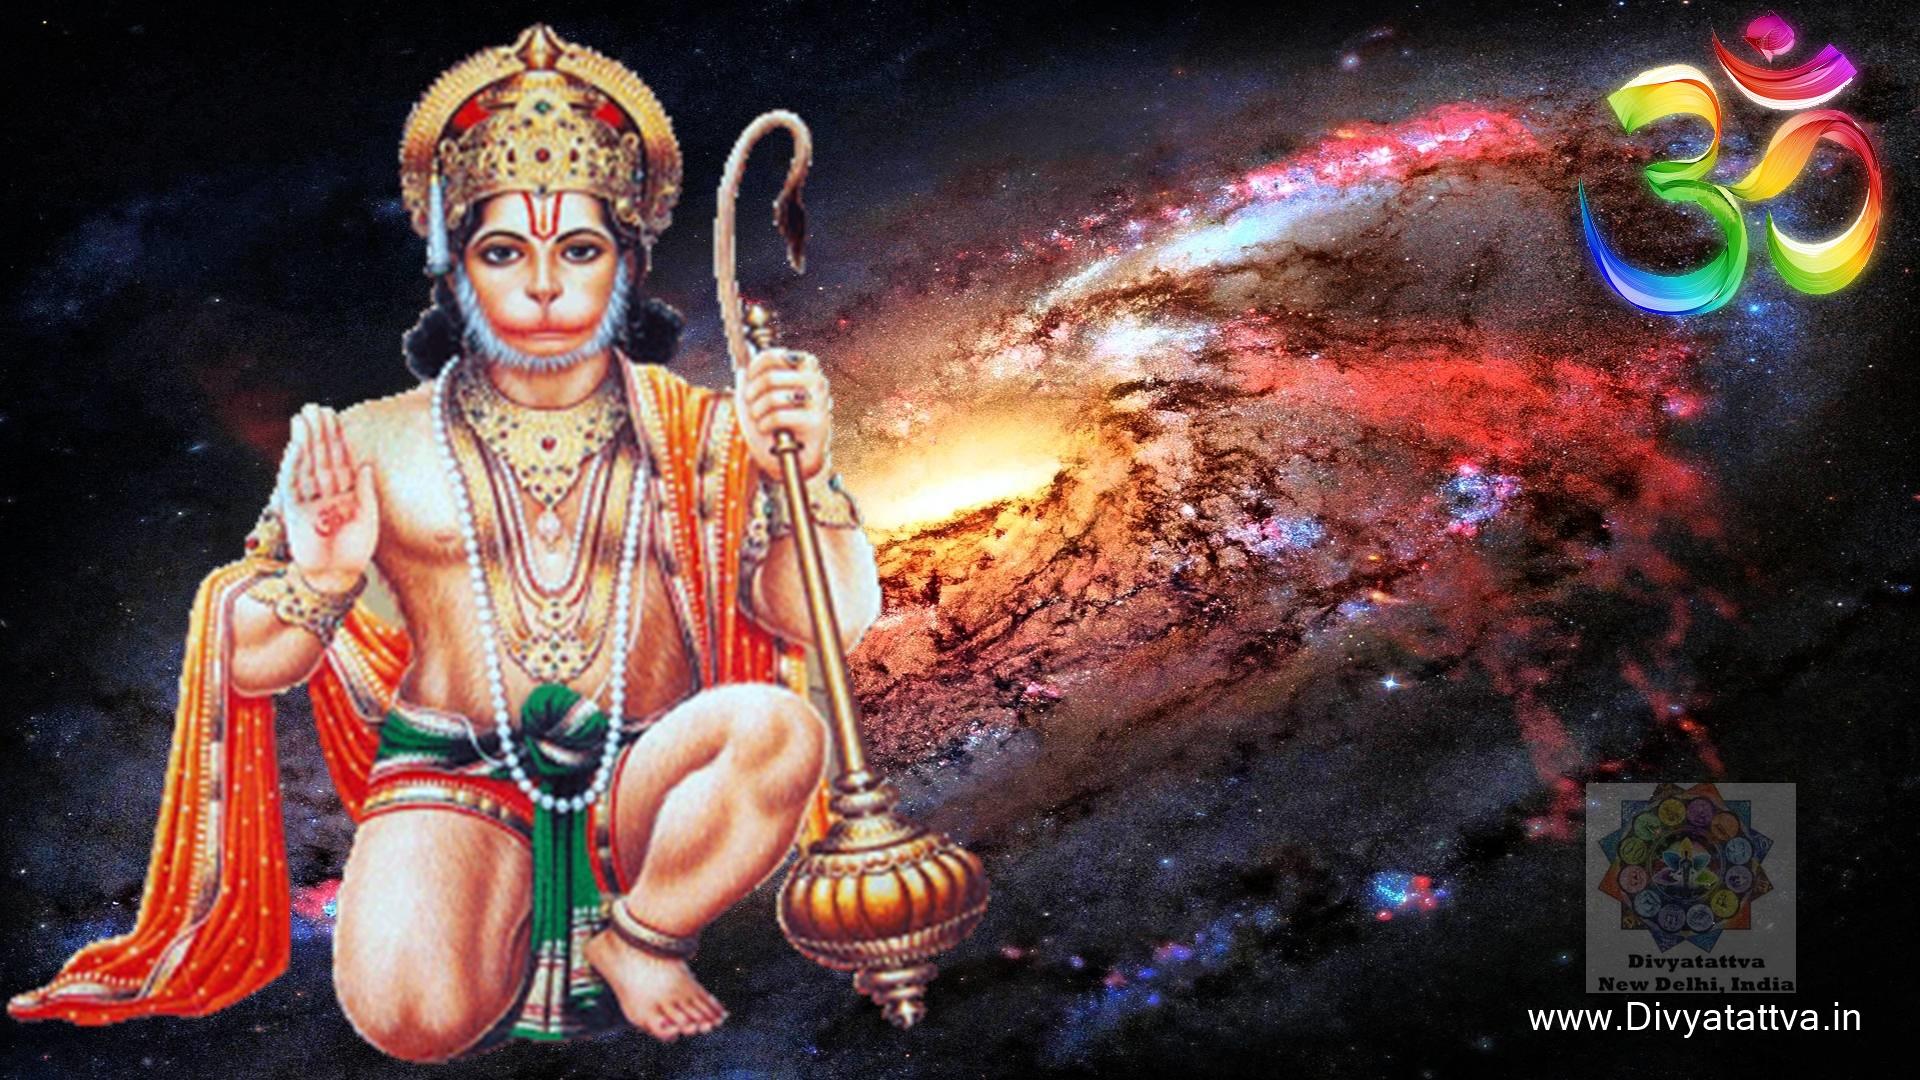 3d Full Size Wallpapers of Lord Hanuman , Rare Hanuman With 4K Full HD Download